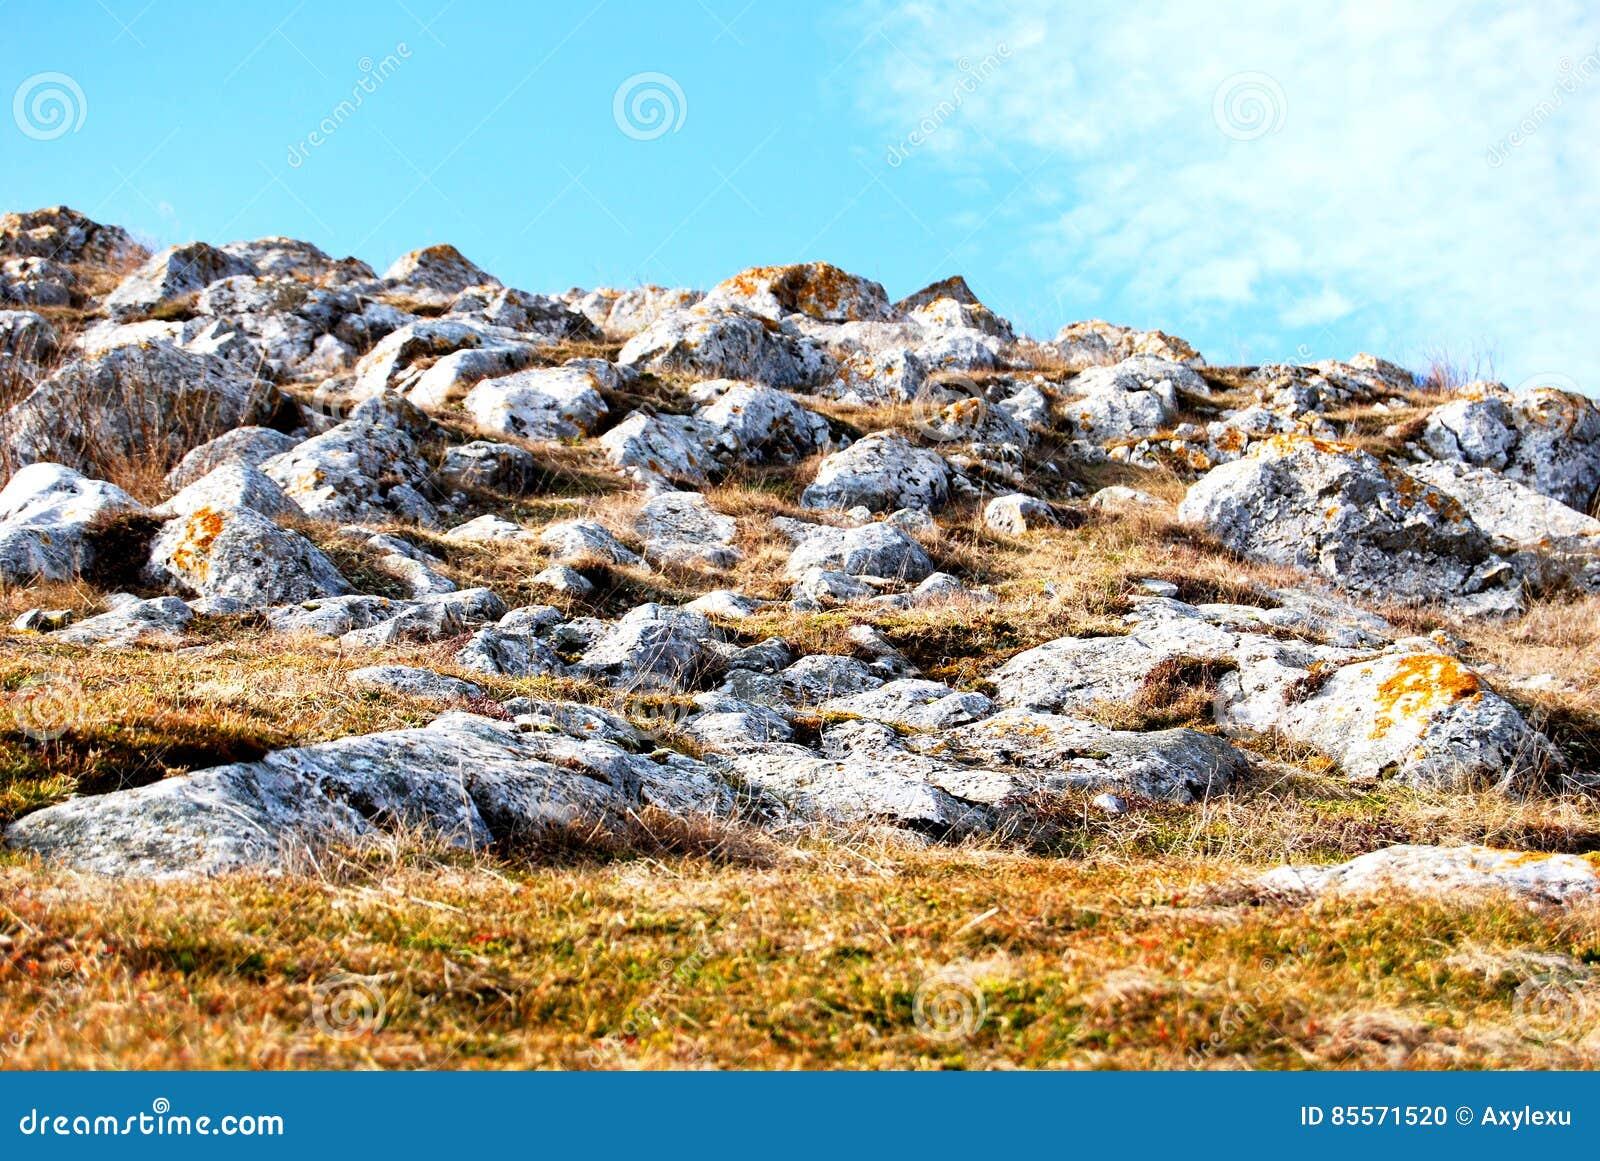 Monte dourado